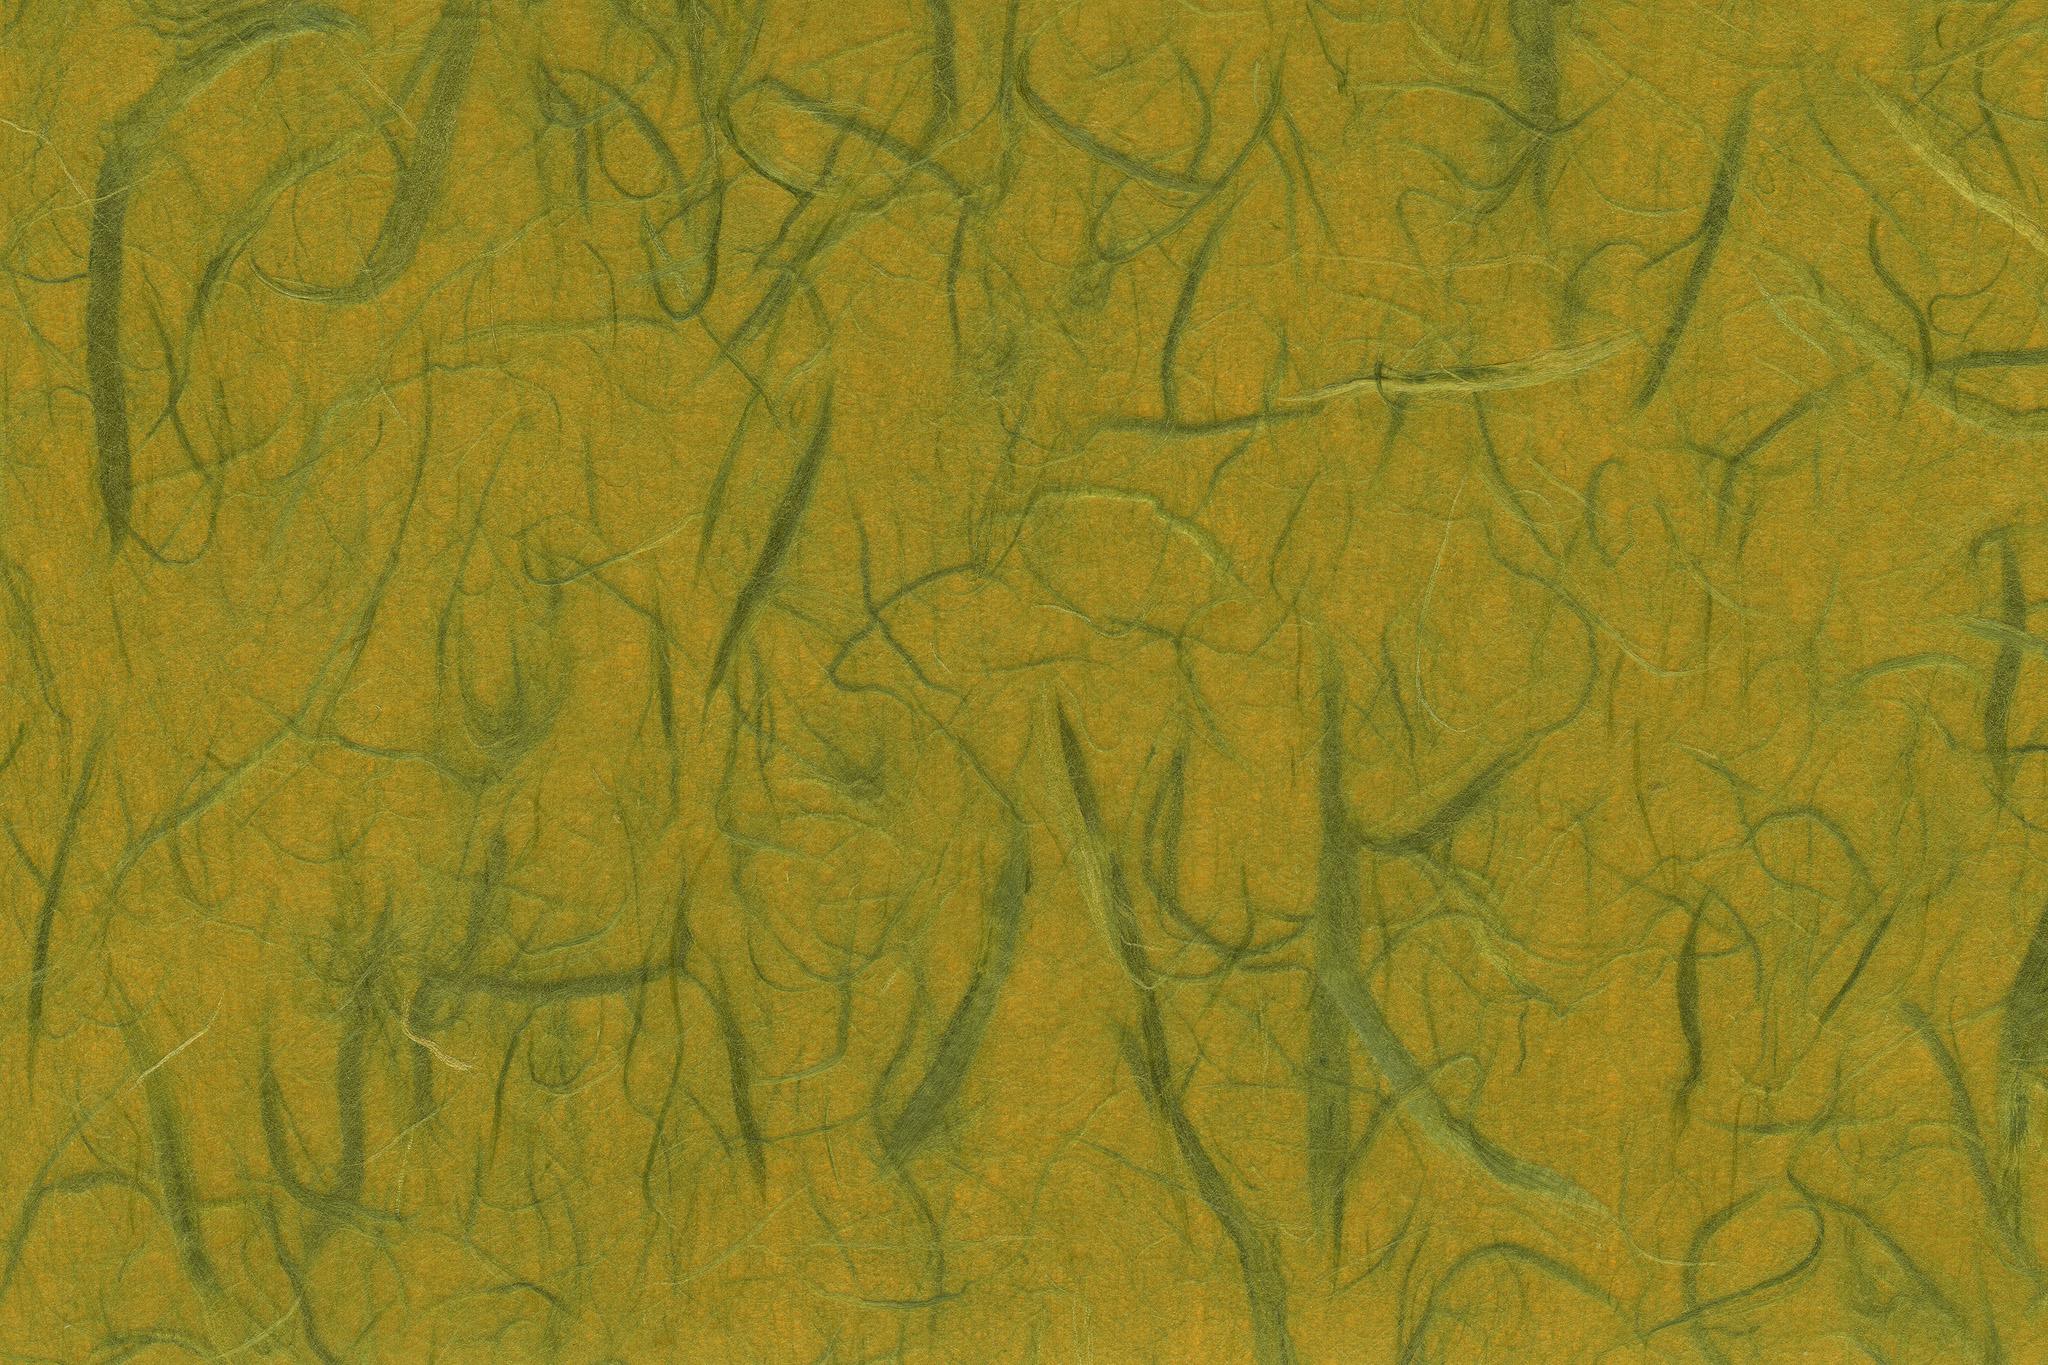 「緑雲竜柄の菜種油色和紙」の画像を無料ダウンロード